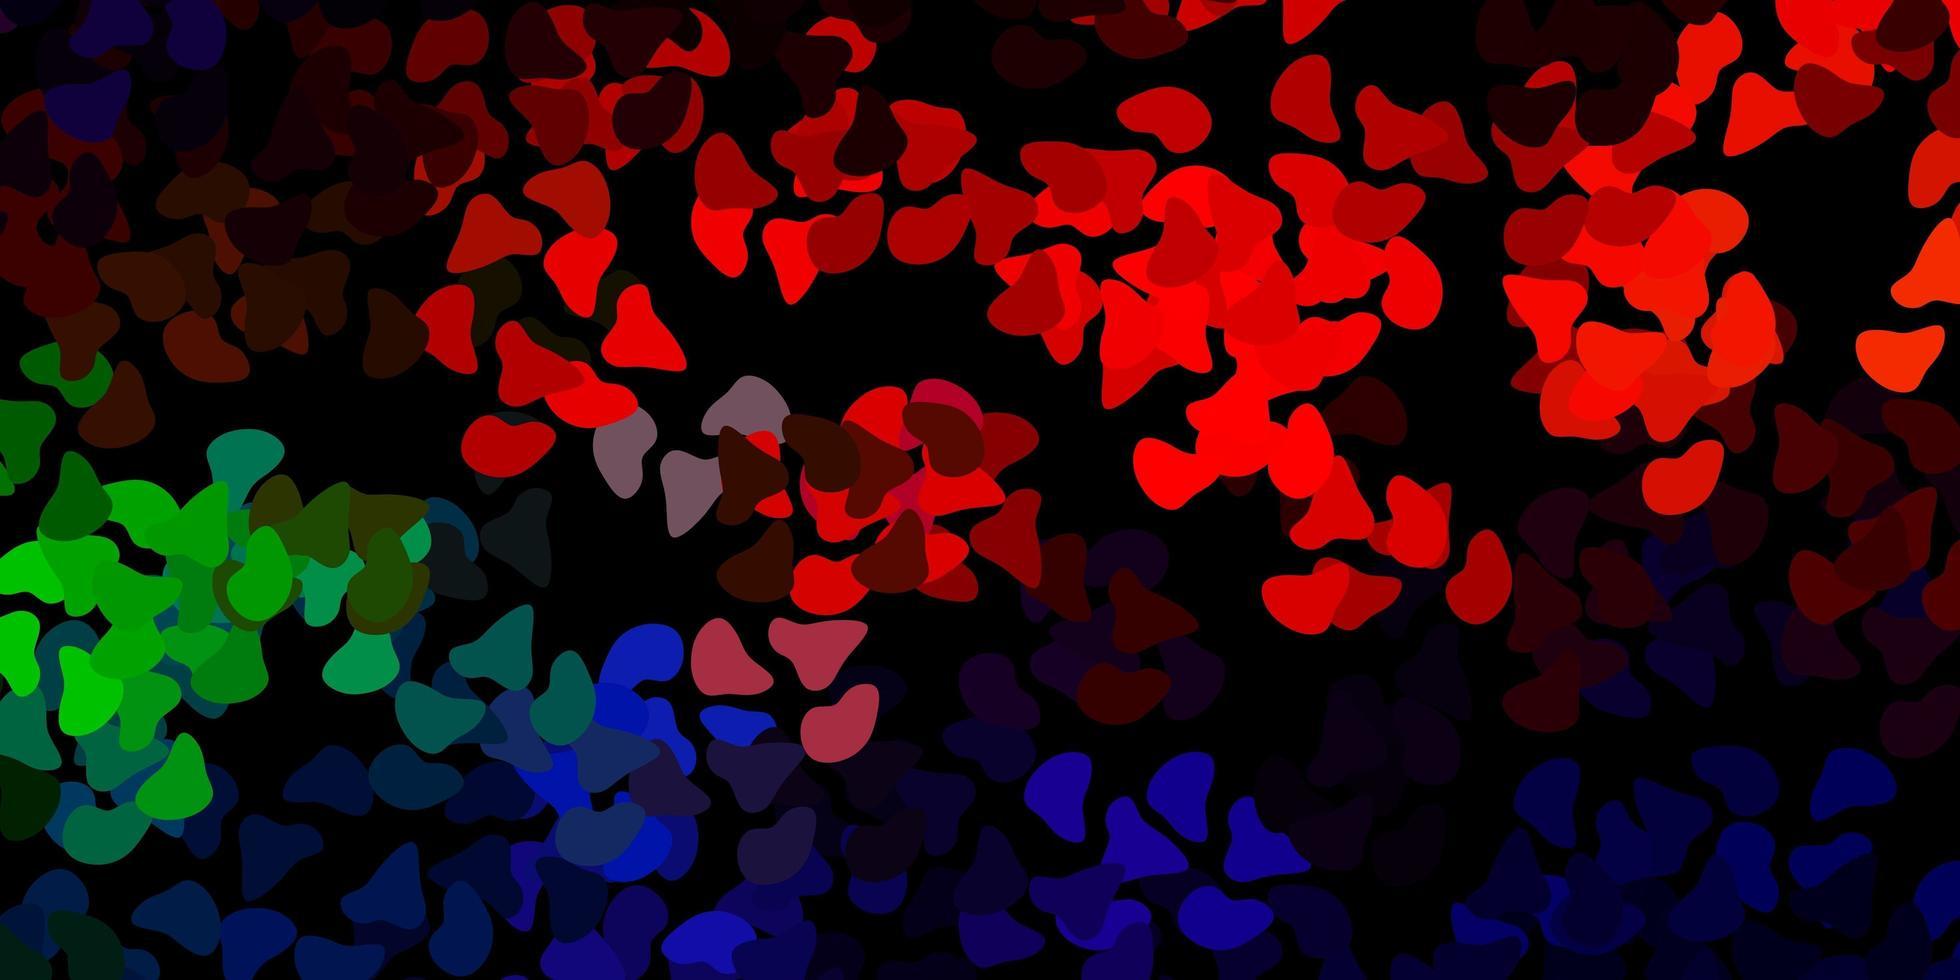 modèle vectoriel multicolore foncé avec des formes abstraites.